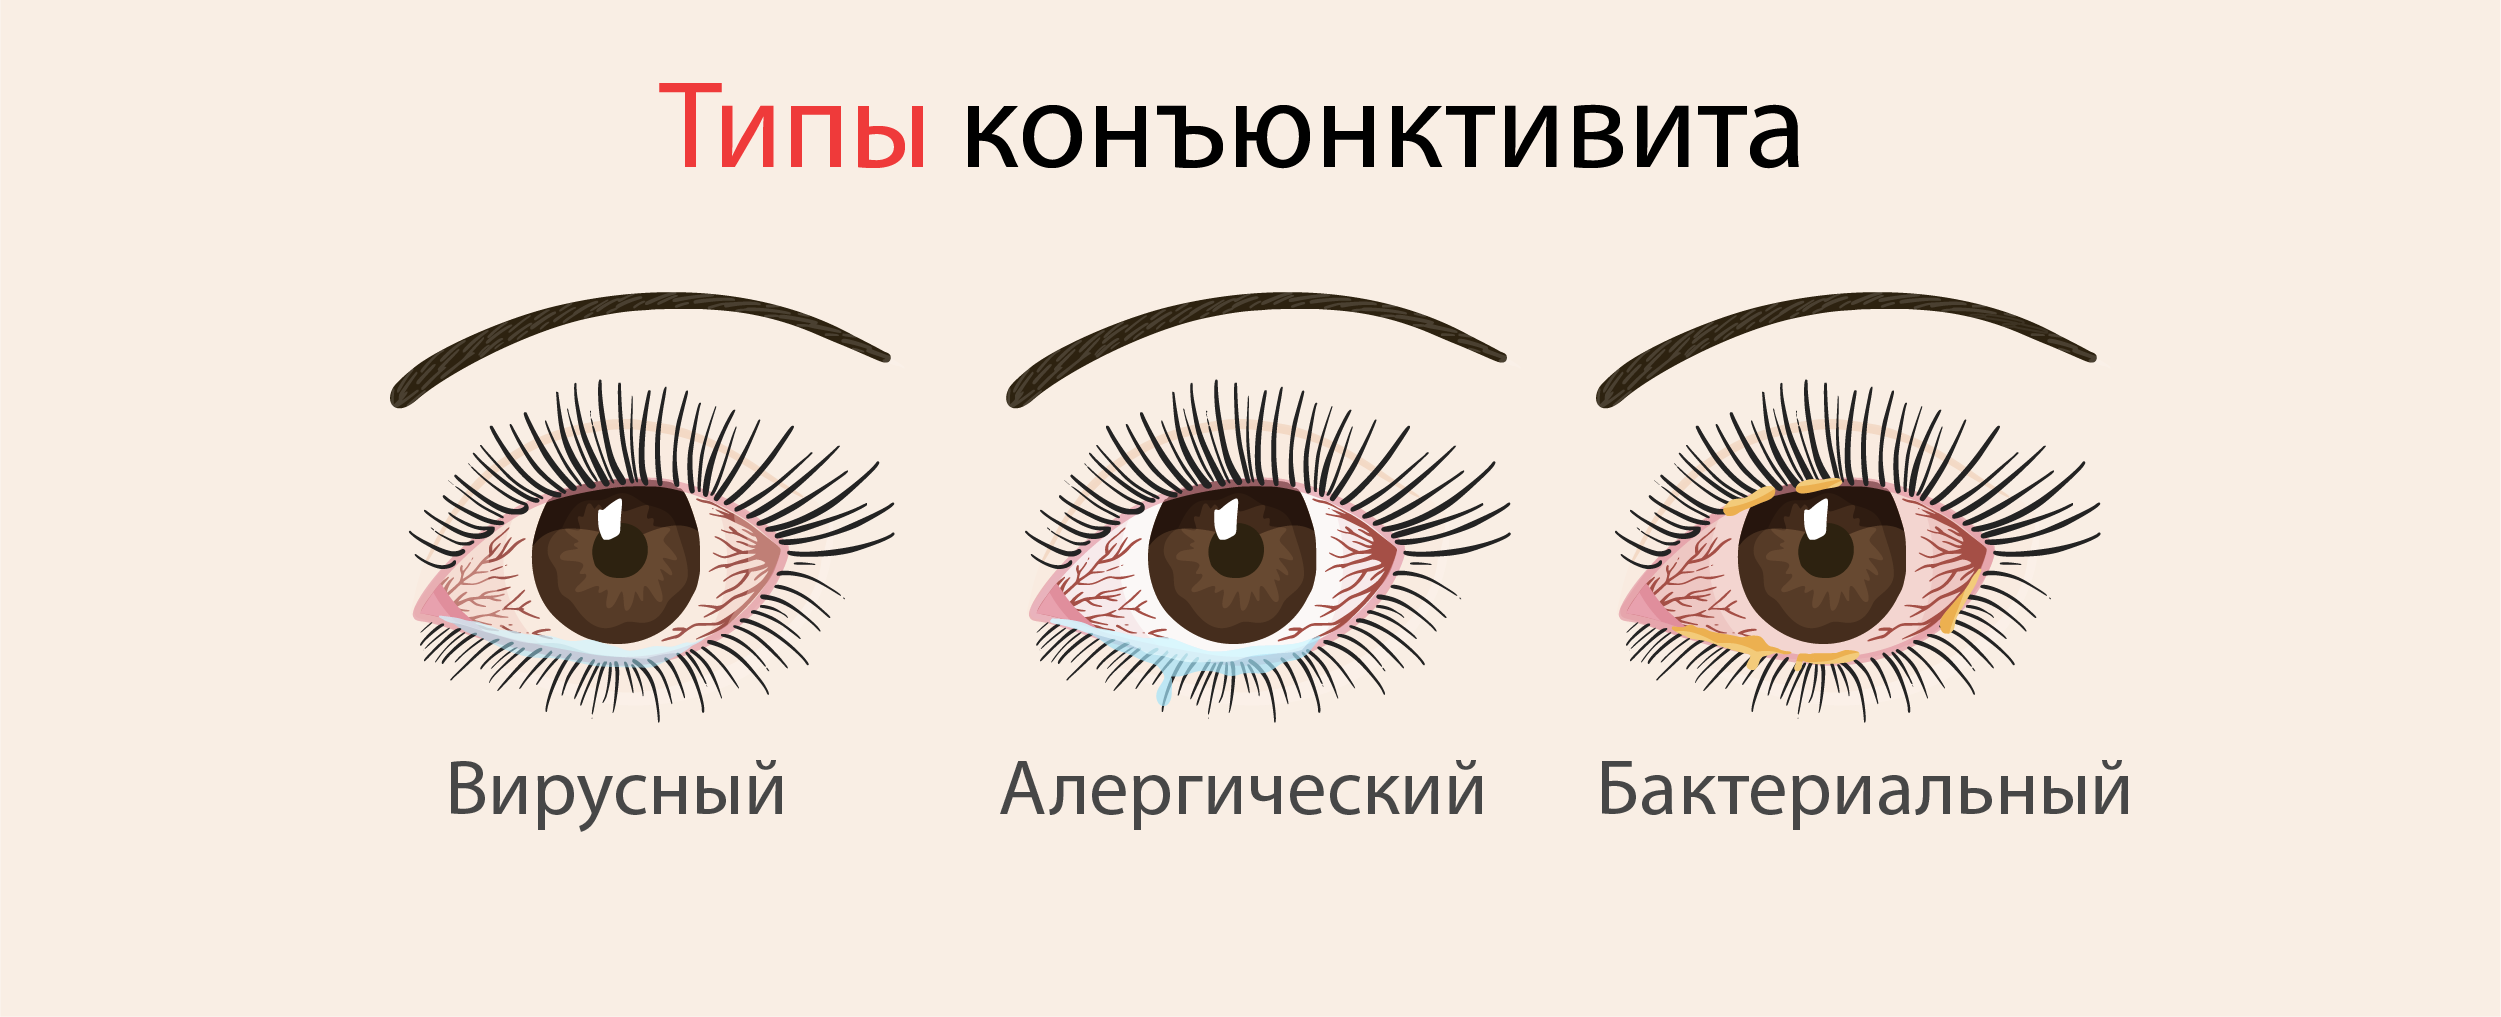 Инъецирование склер. причины инъецирования склер глаз. врожденные заболевания склеры